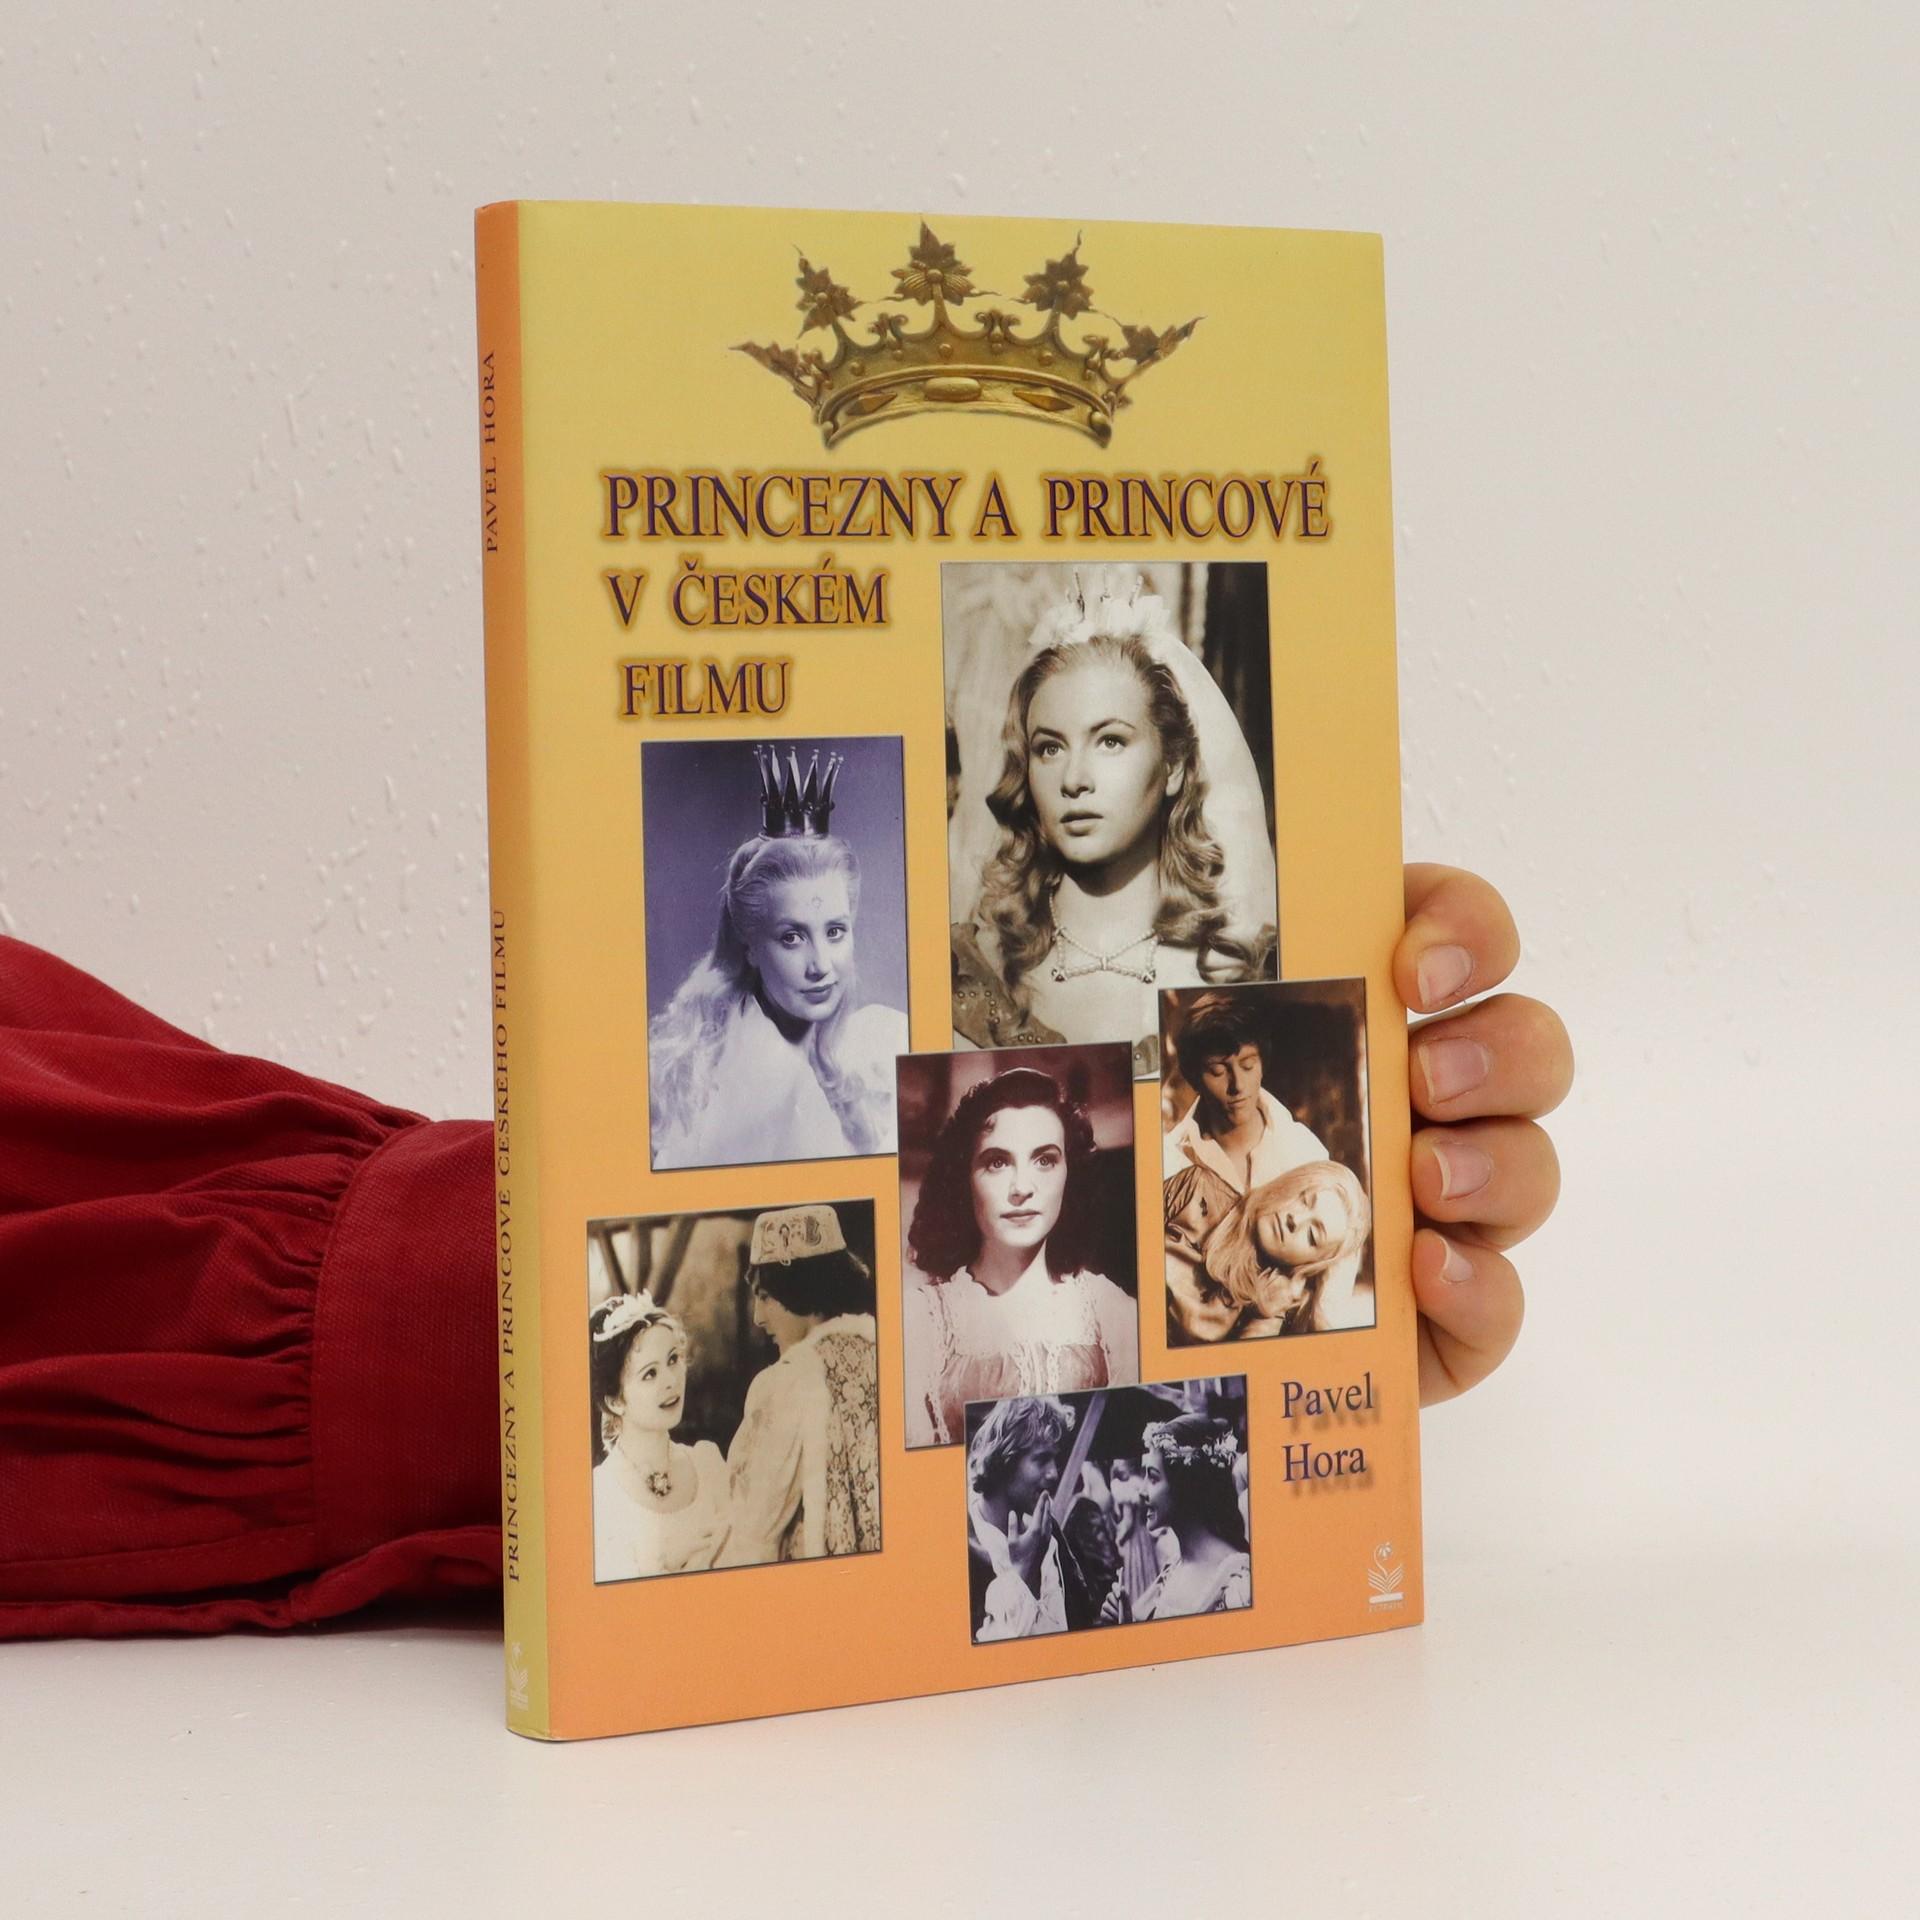 antikvární kniha Princezny a princové v českém filmu, 2006